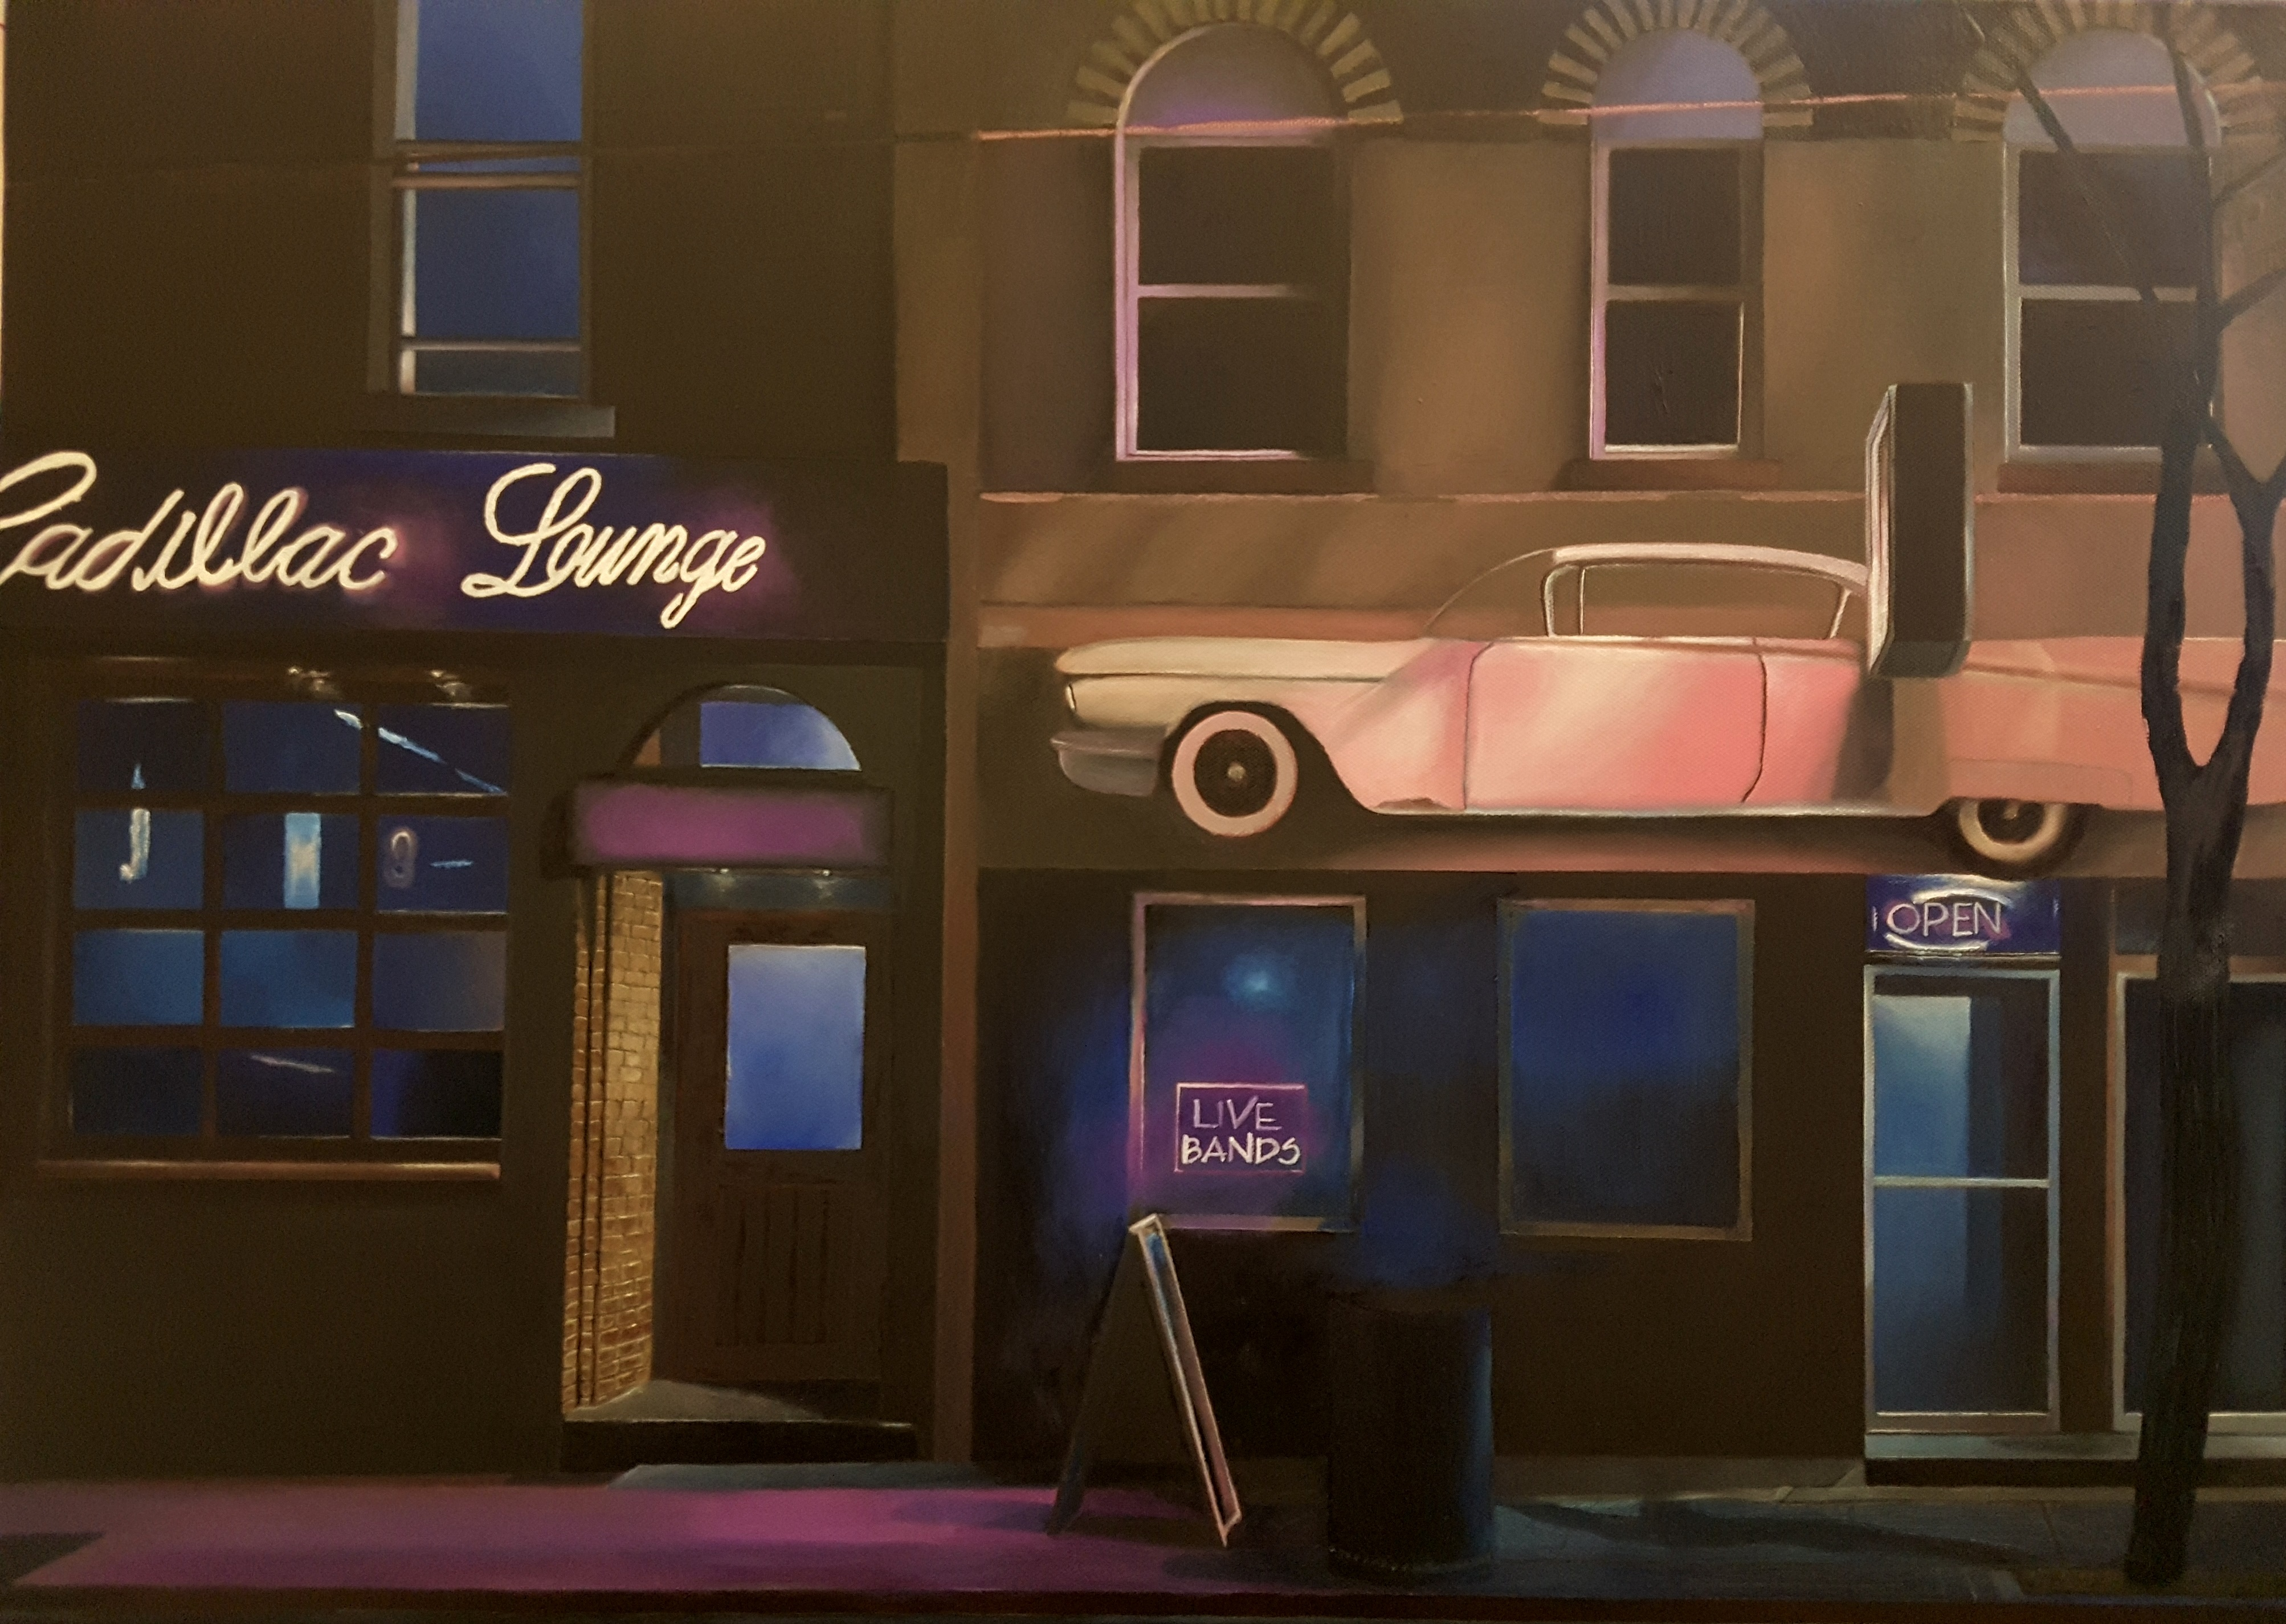 Oel - 70 X 50 - Cadillac Lounge